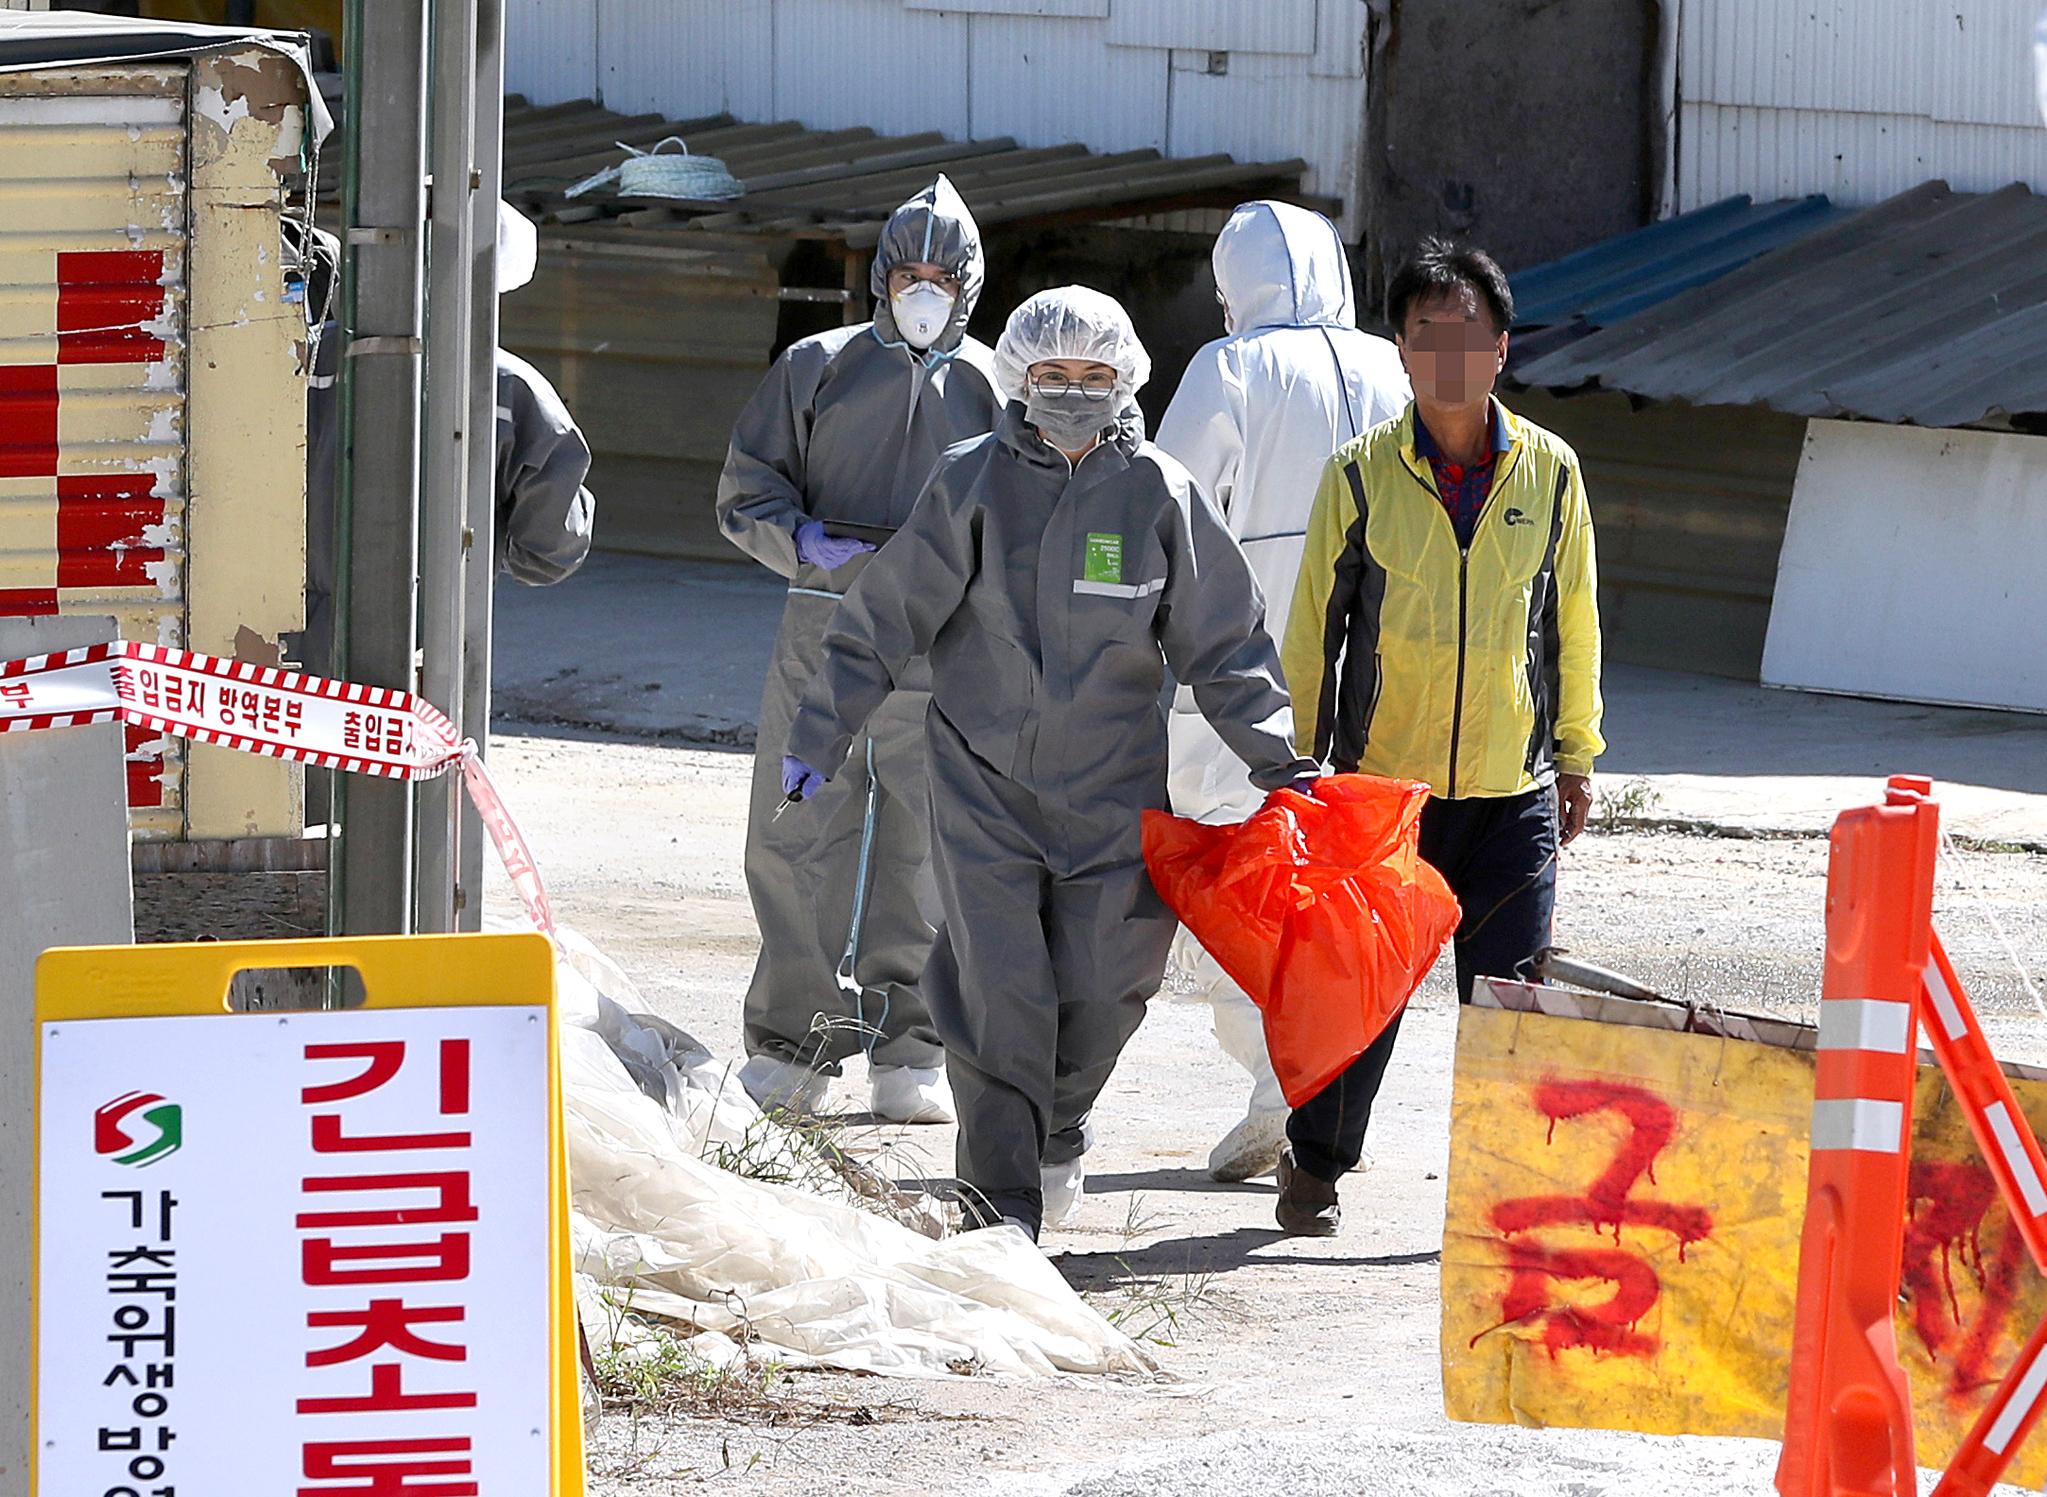 23일 오전 아프리카 돼지열병(ASF) 의심 신고가 접수된 경기도 김포시의 한 돼지농장에서 방역 관계자가 가검물이 담긴 것으로 보이는 봉투를 들고나오고 있다. [뉴시스]